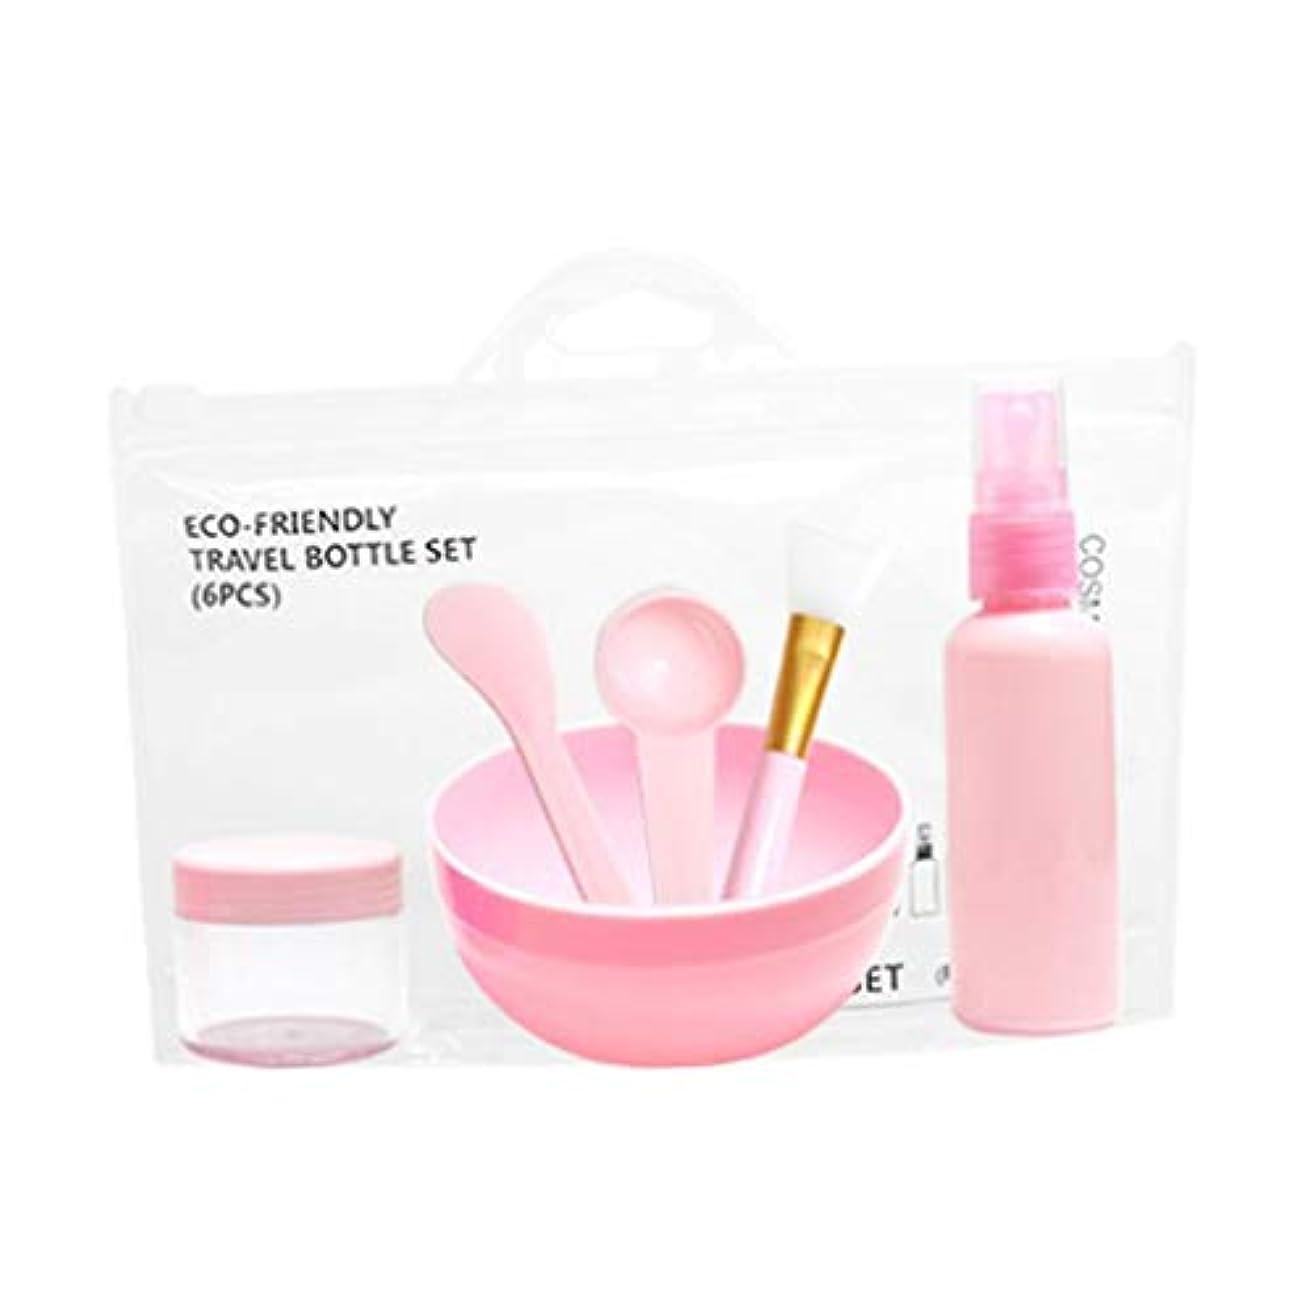 dailymall 6個セット フェイシャル メイクアップツール 計量スプーン マスクブラシ ボウル クリームケース 全2色 - ピンク